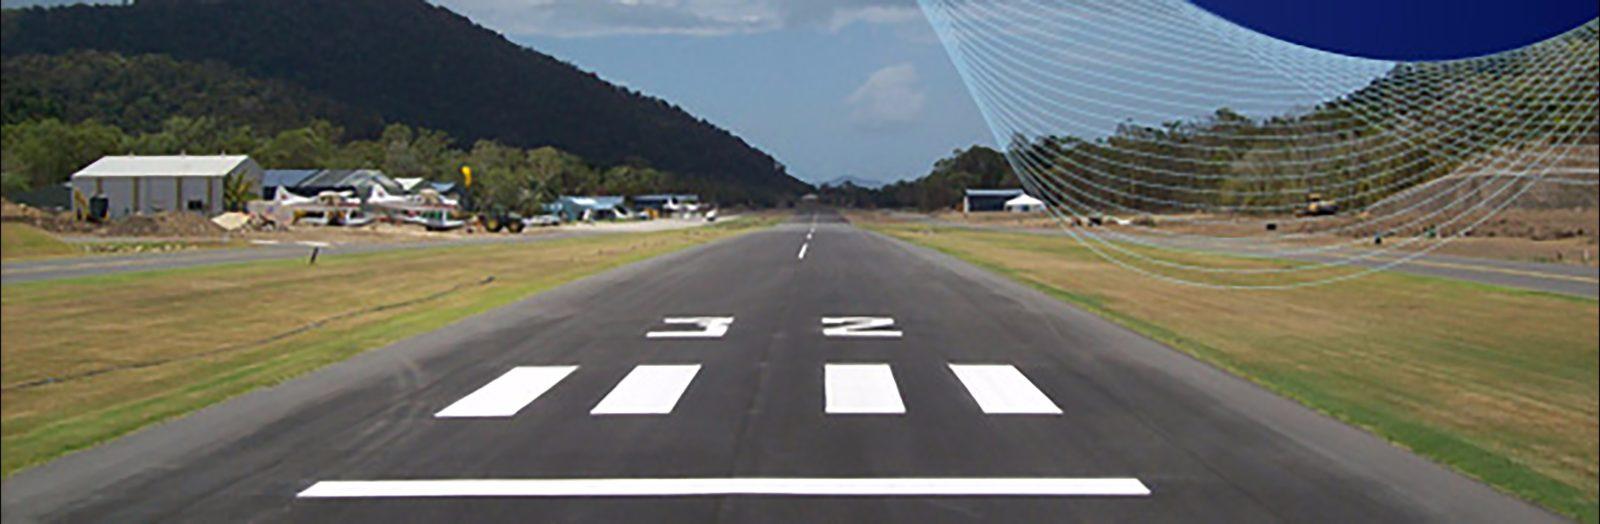 Whitsunday Airport Runway